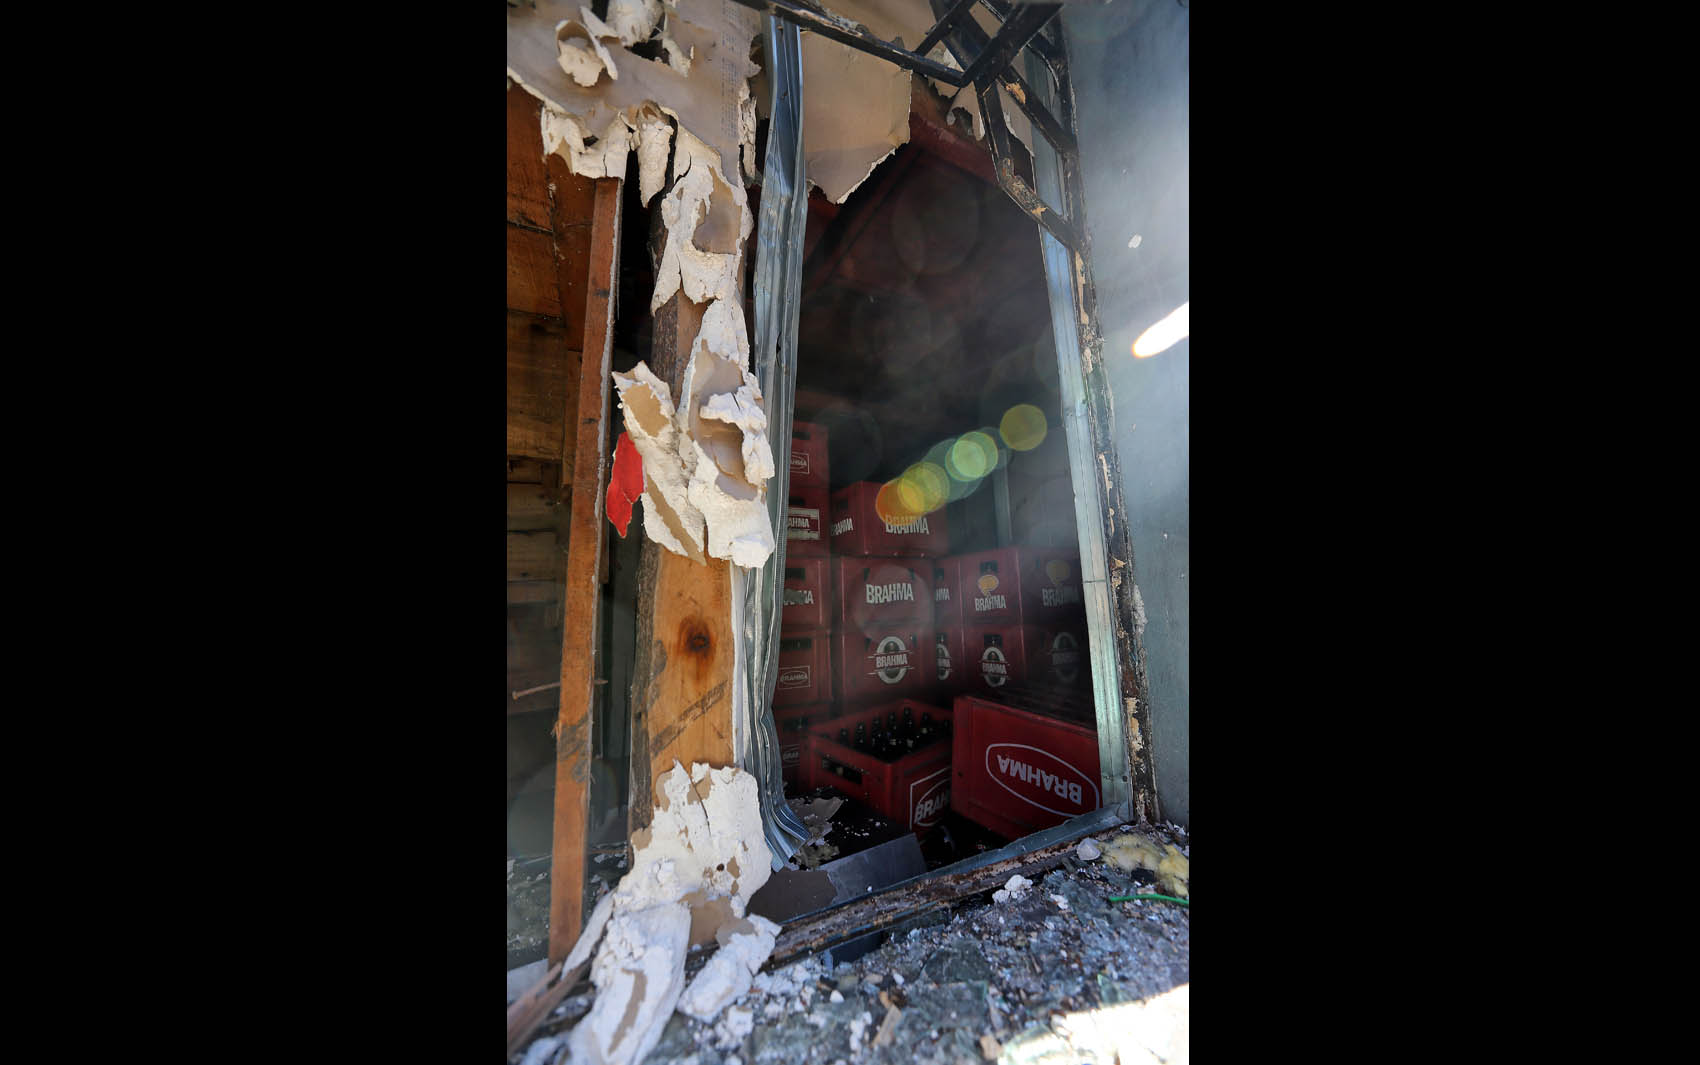 bebidas no interior da boate incendiada em Santa Maria